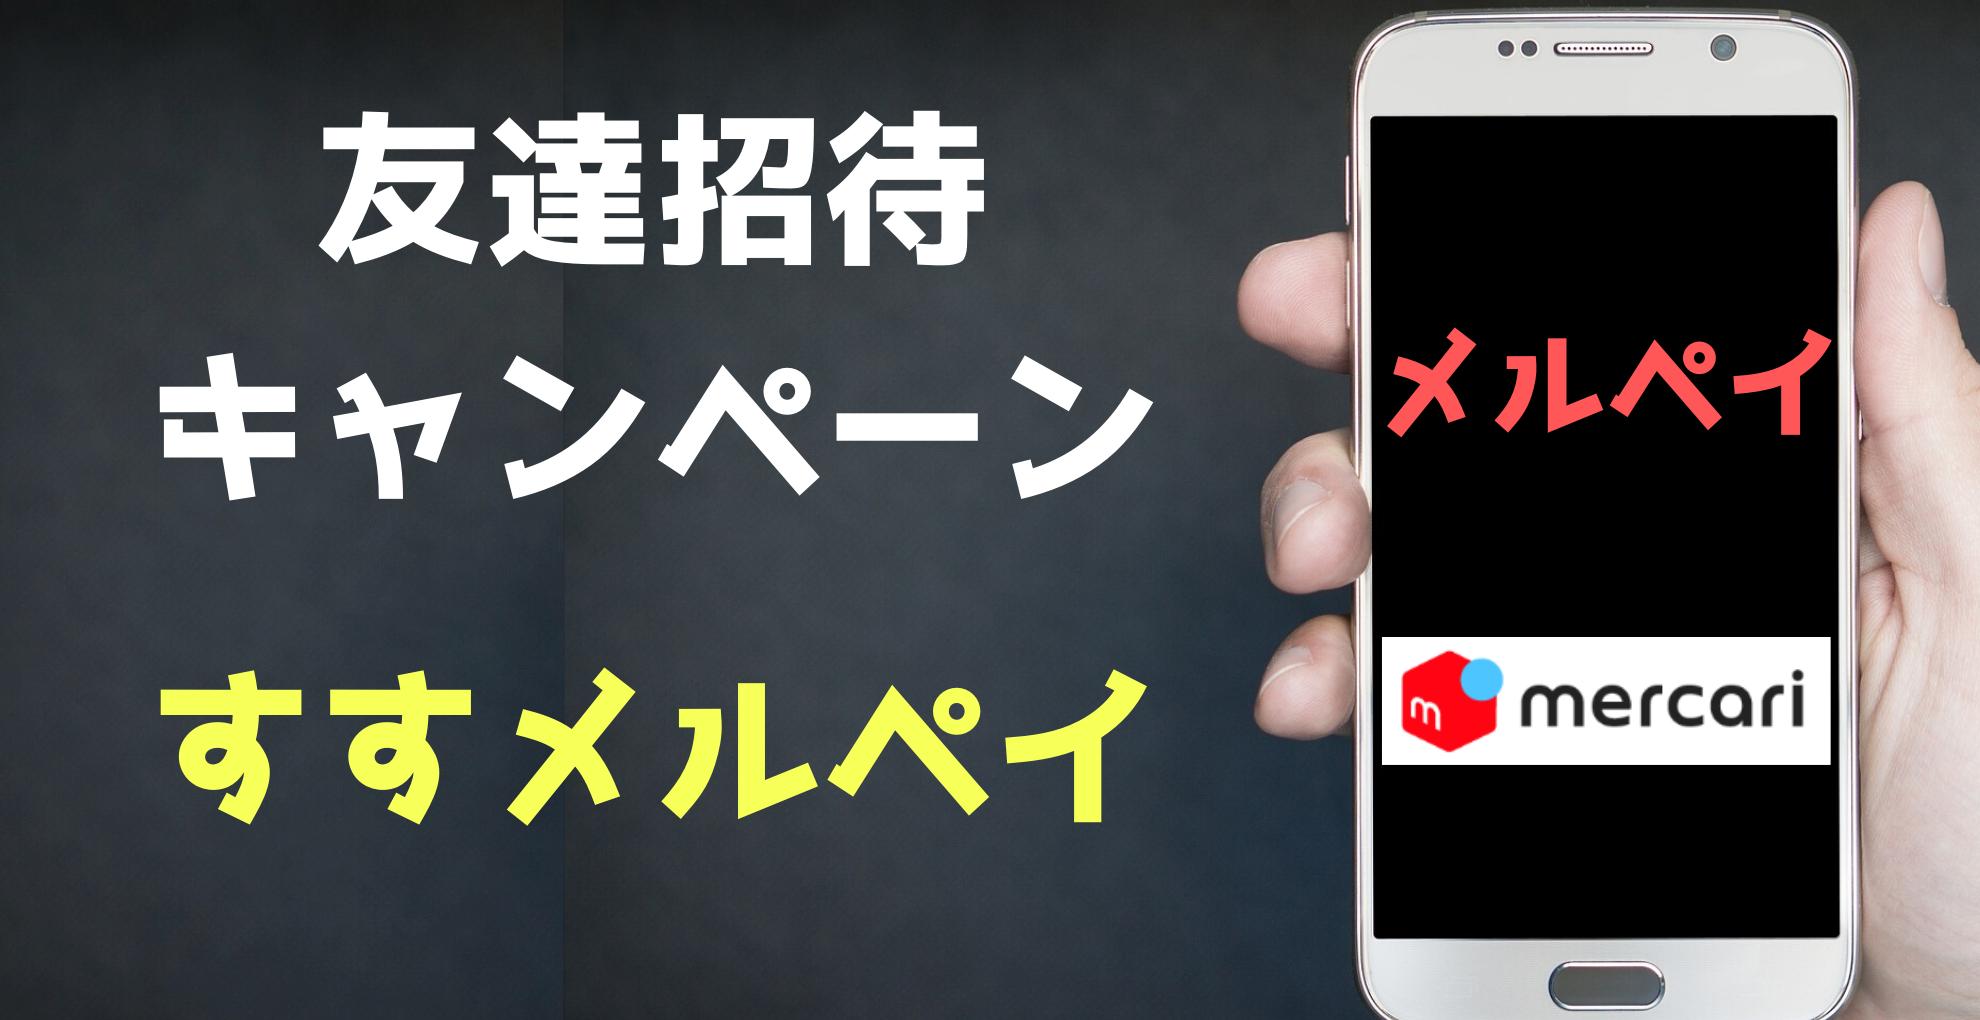 【メルペイ】友達招待キャンペーン「すすメルペイ」再び